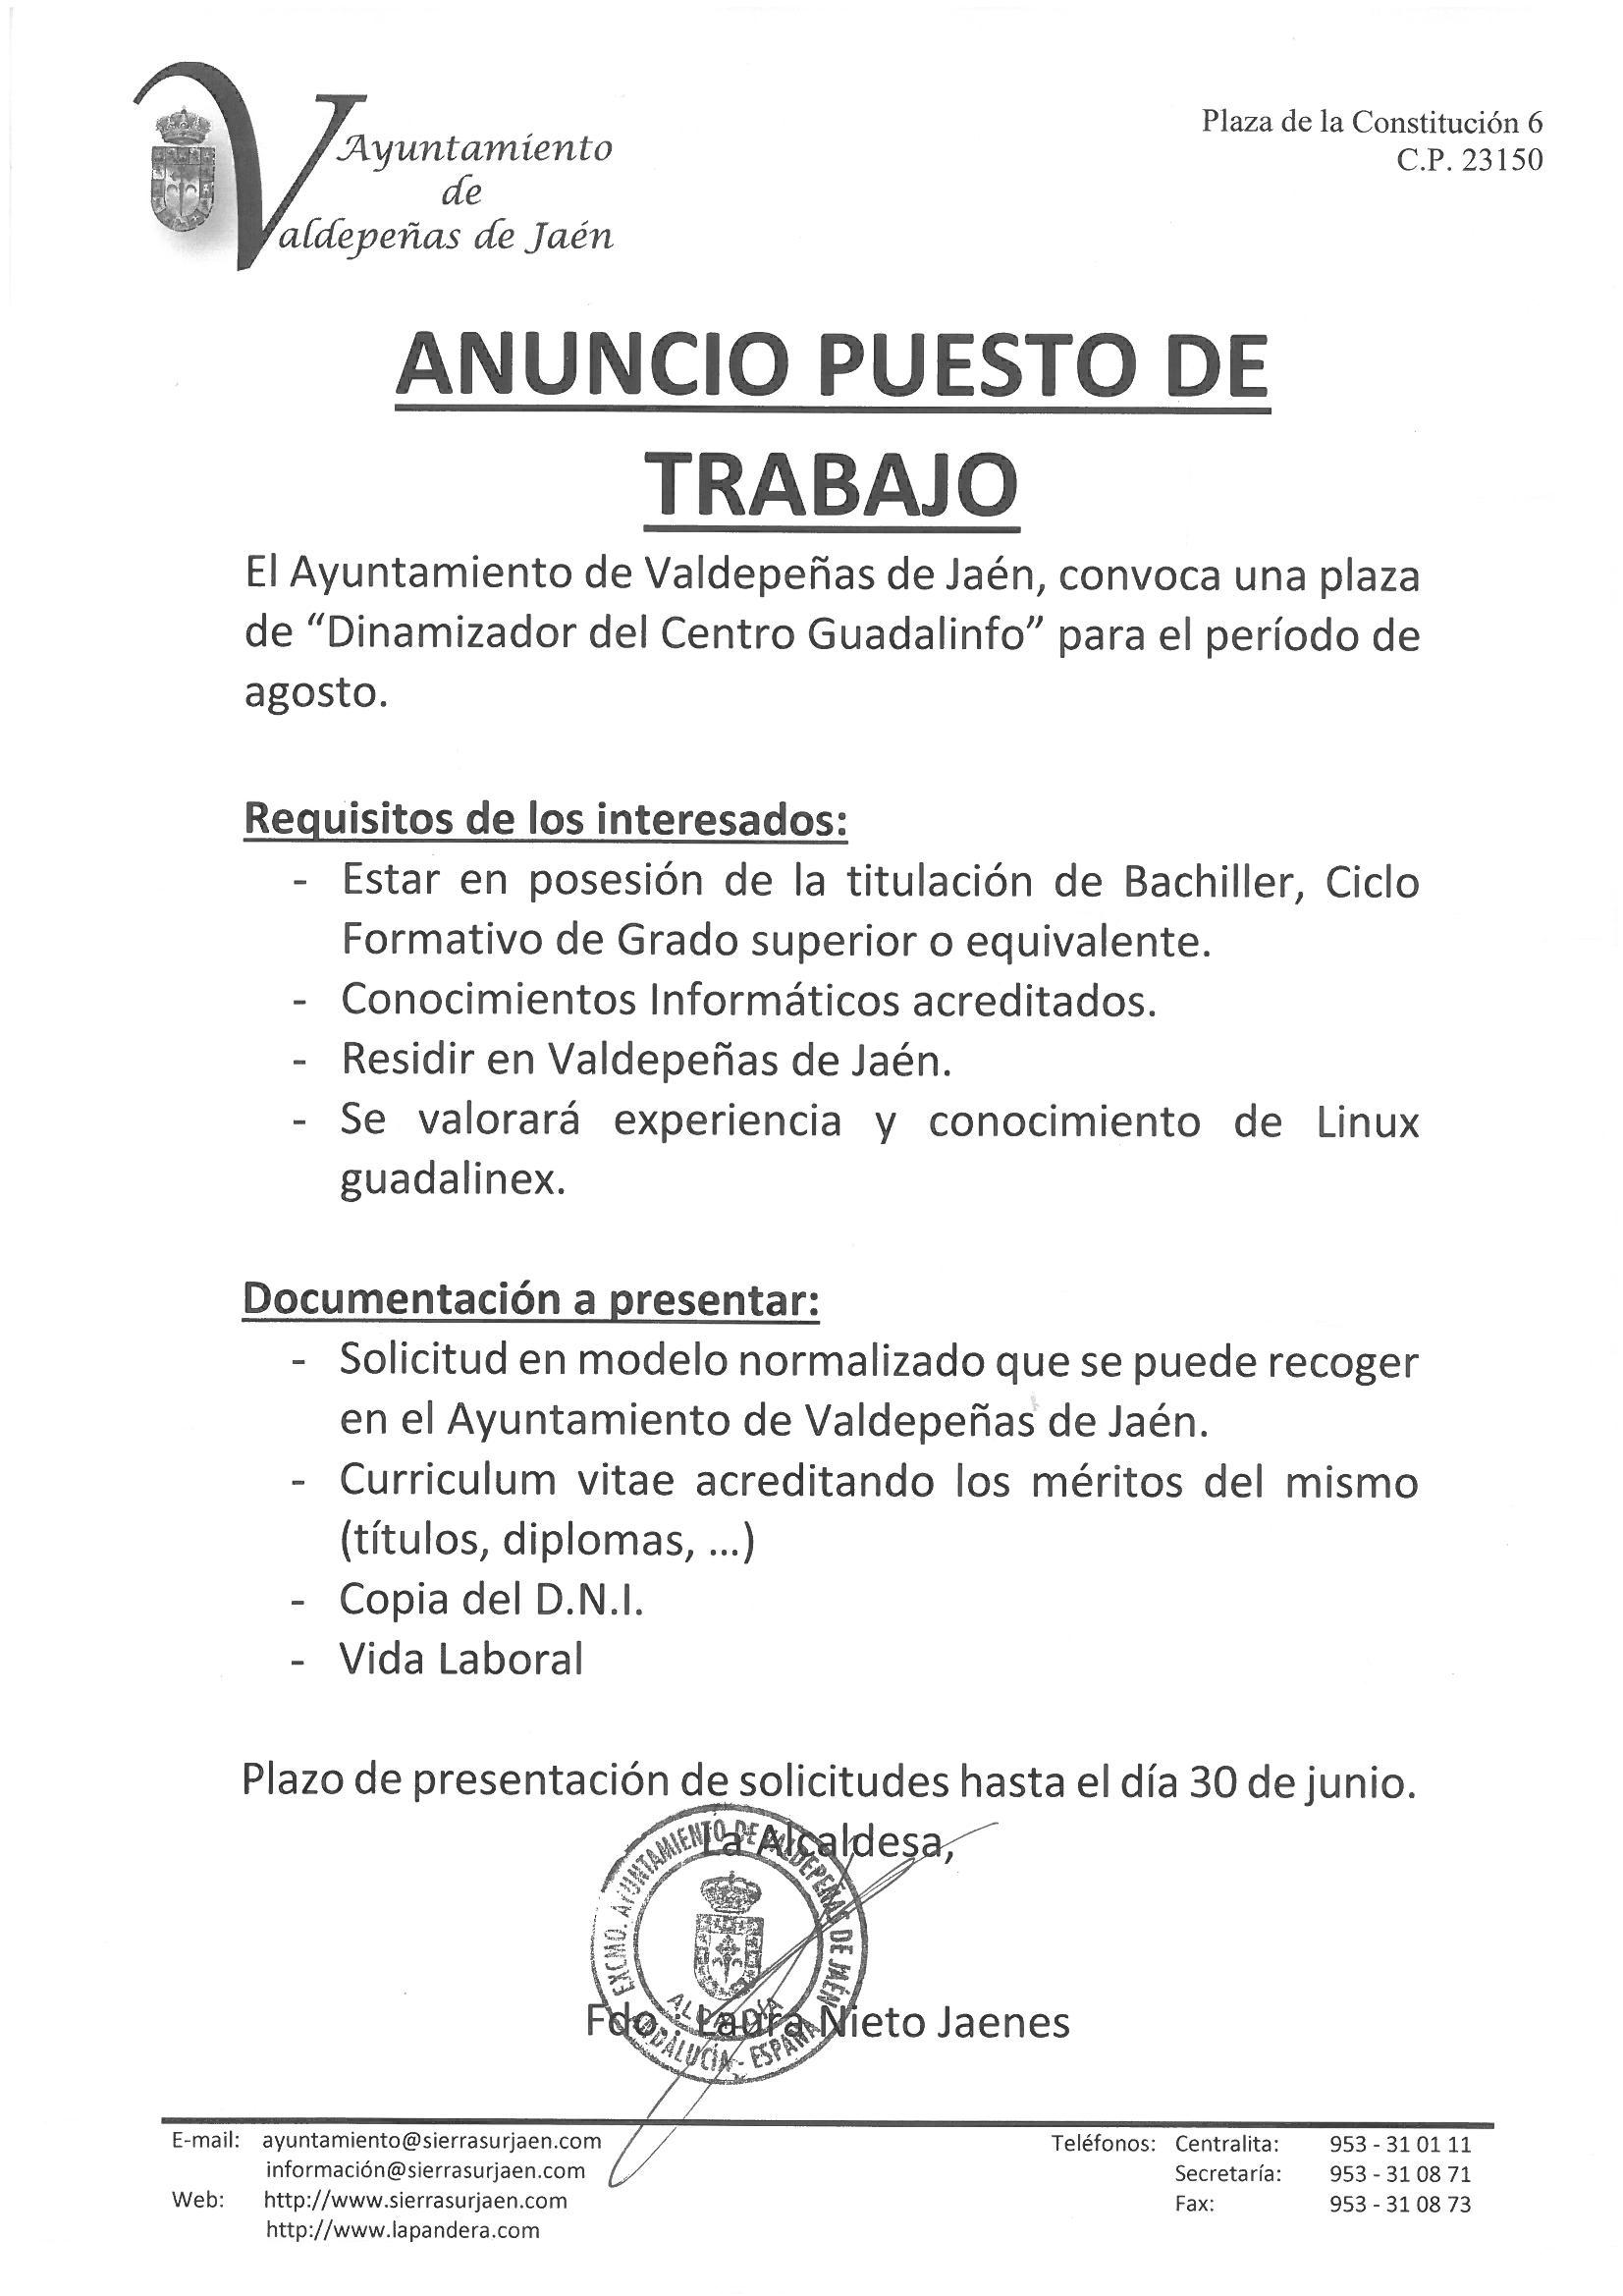 Famoso Recoger El Currículum Colección de Imágenes - Ejemplo De ...